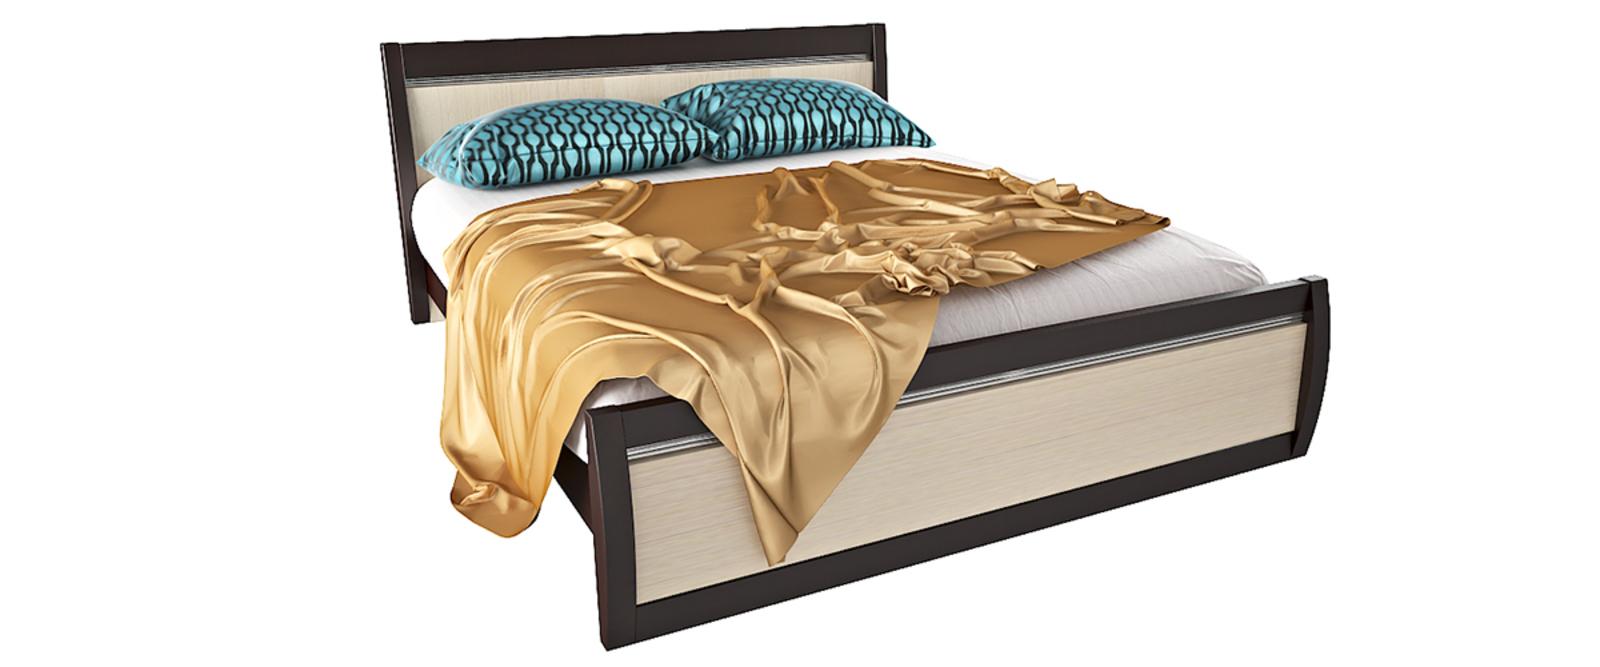 Кровать каркасная Корсика без подъемного механизма (Ясень глянец)